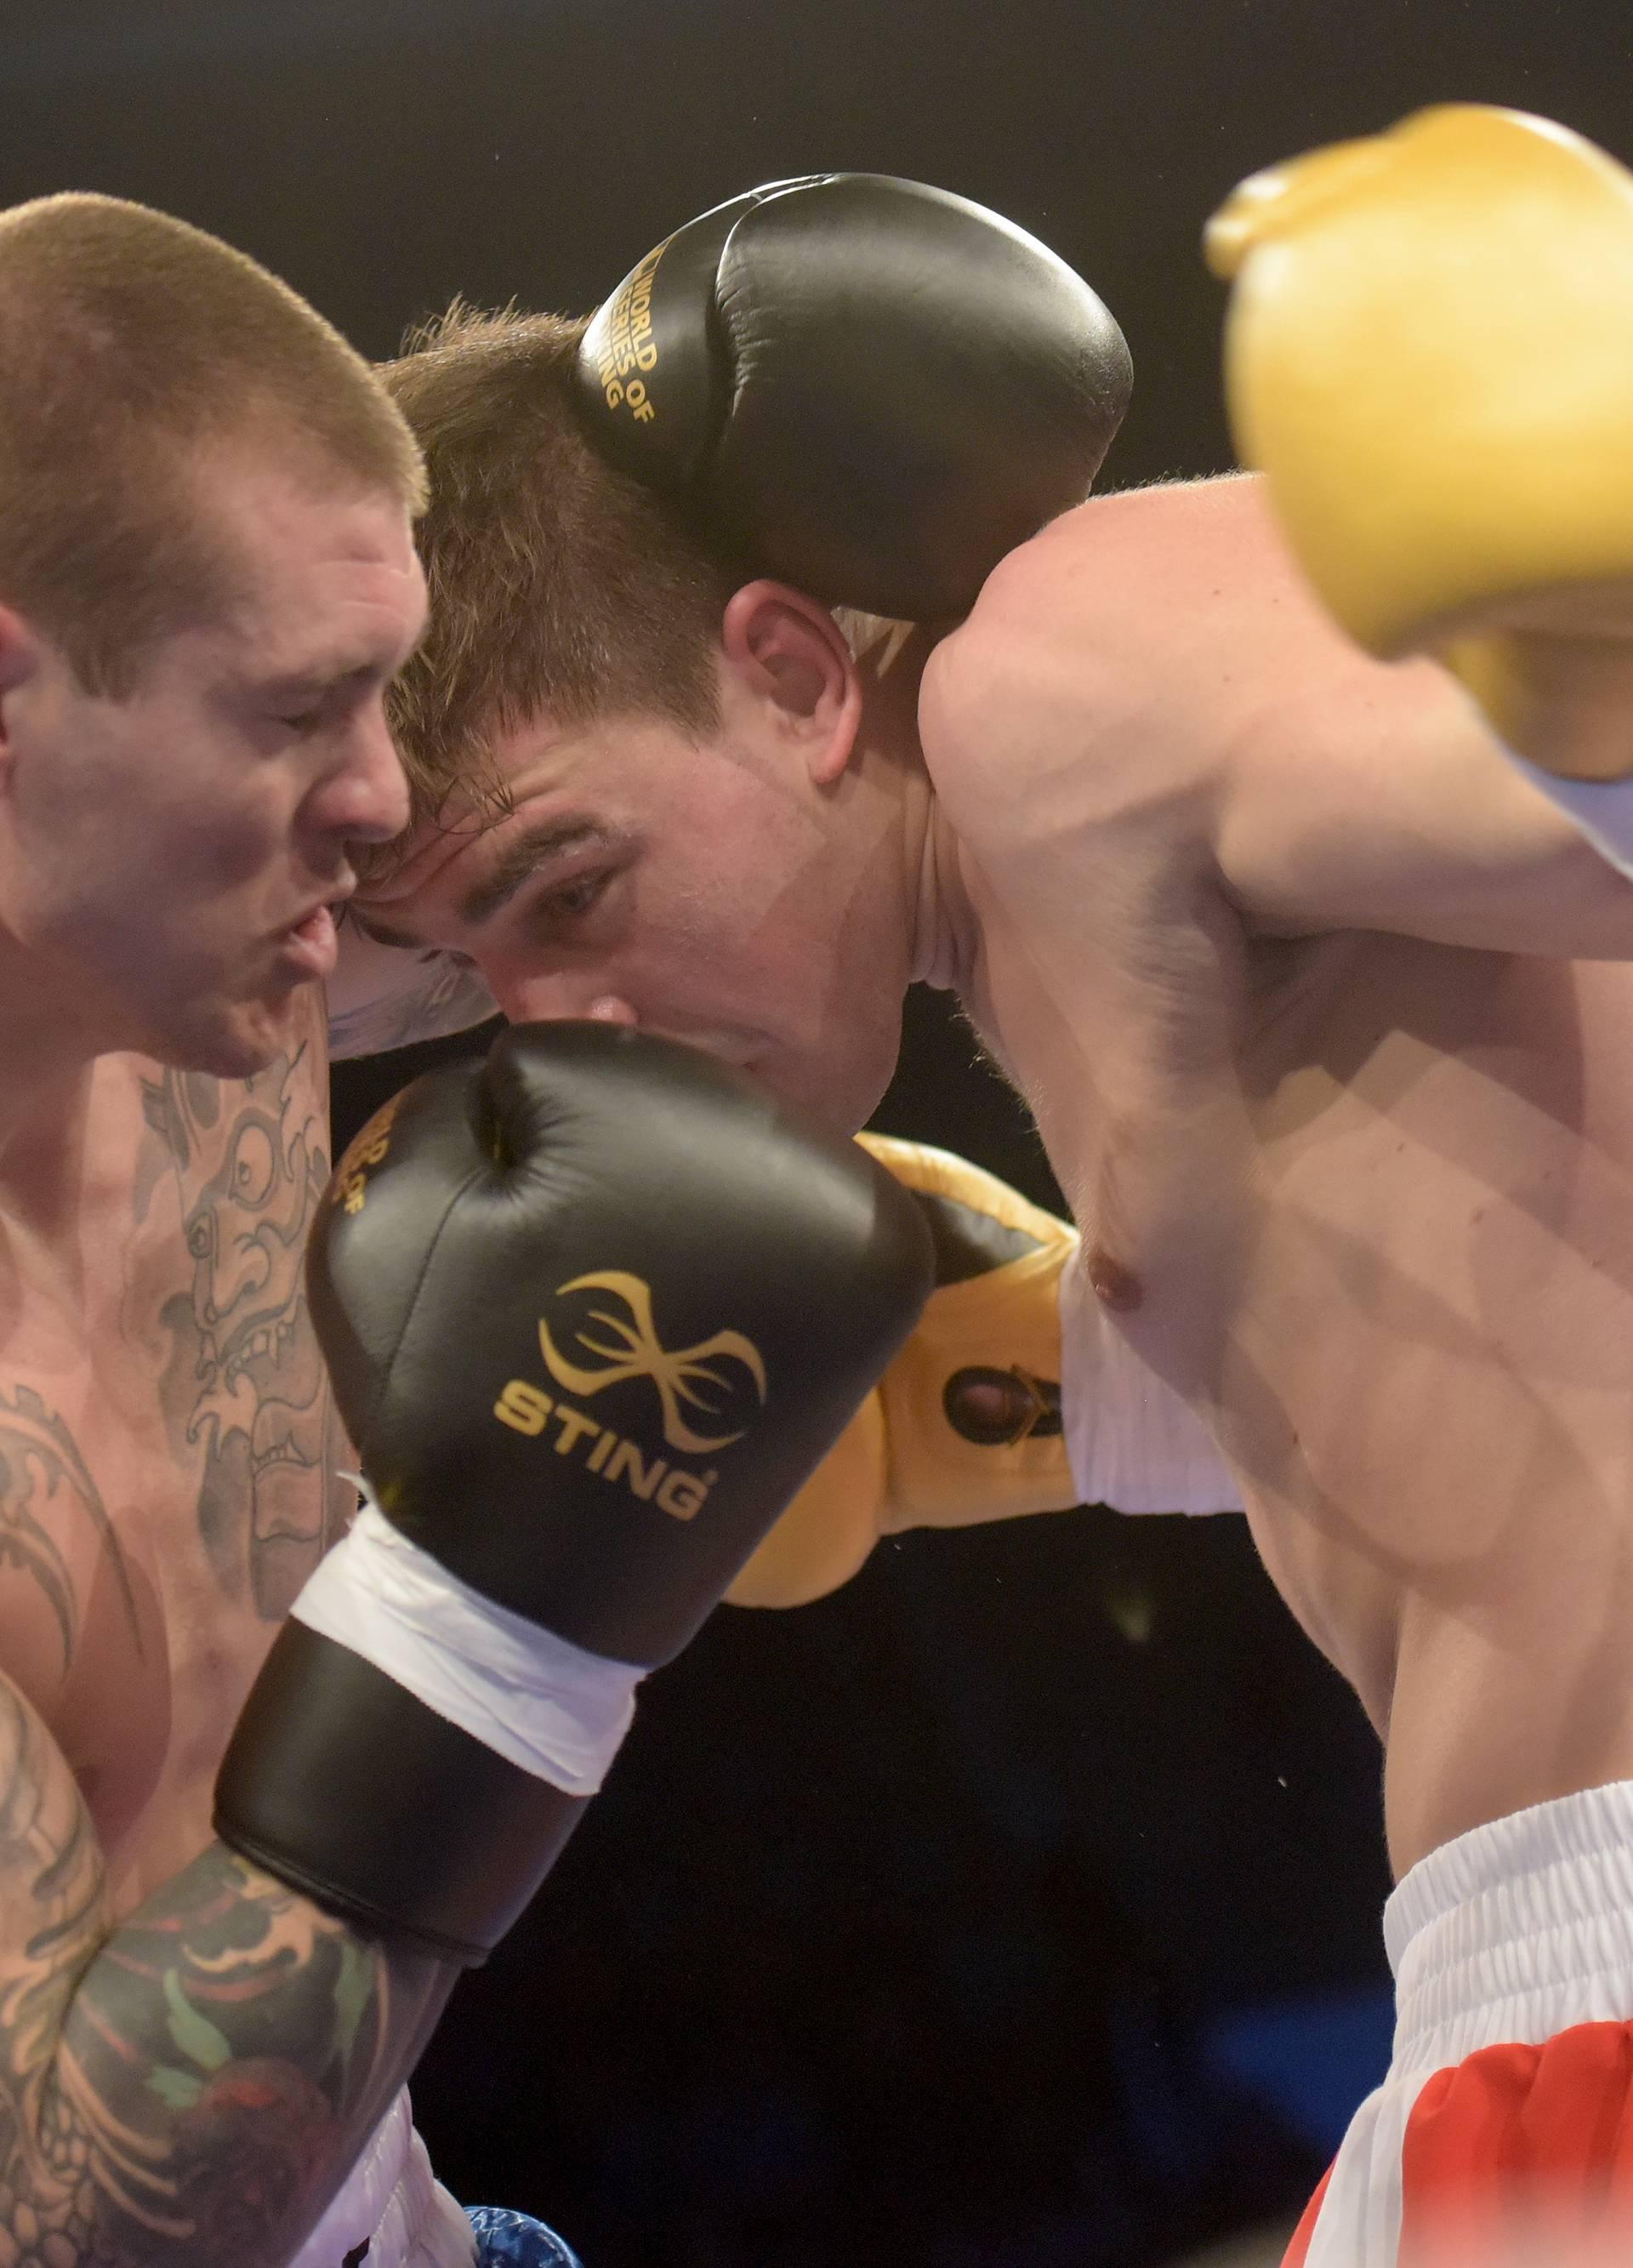 Vitezovi iz Hrvatske u boksu dočekuje 'lavove' iz Britanije